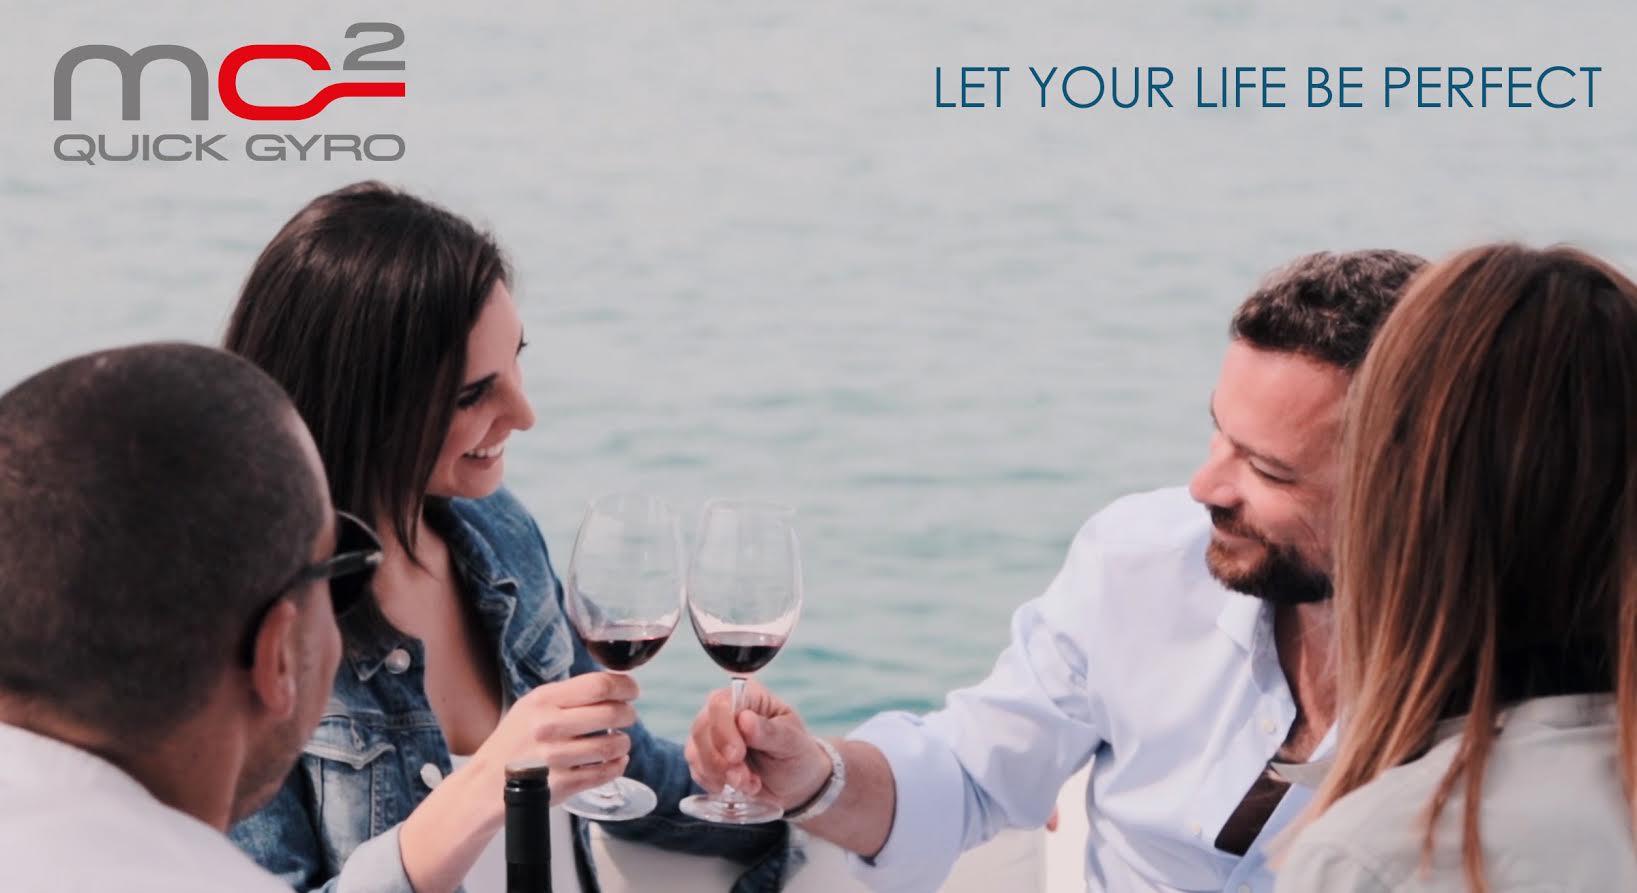 """Da oggi è online il terzo video della nuova  campagna  pubblicitaria della serie degli stabilizzatori """"MC² Quick Gyro:  Let your life be perfect""""."""